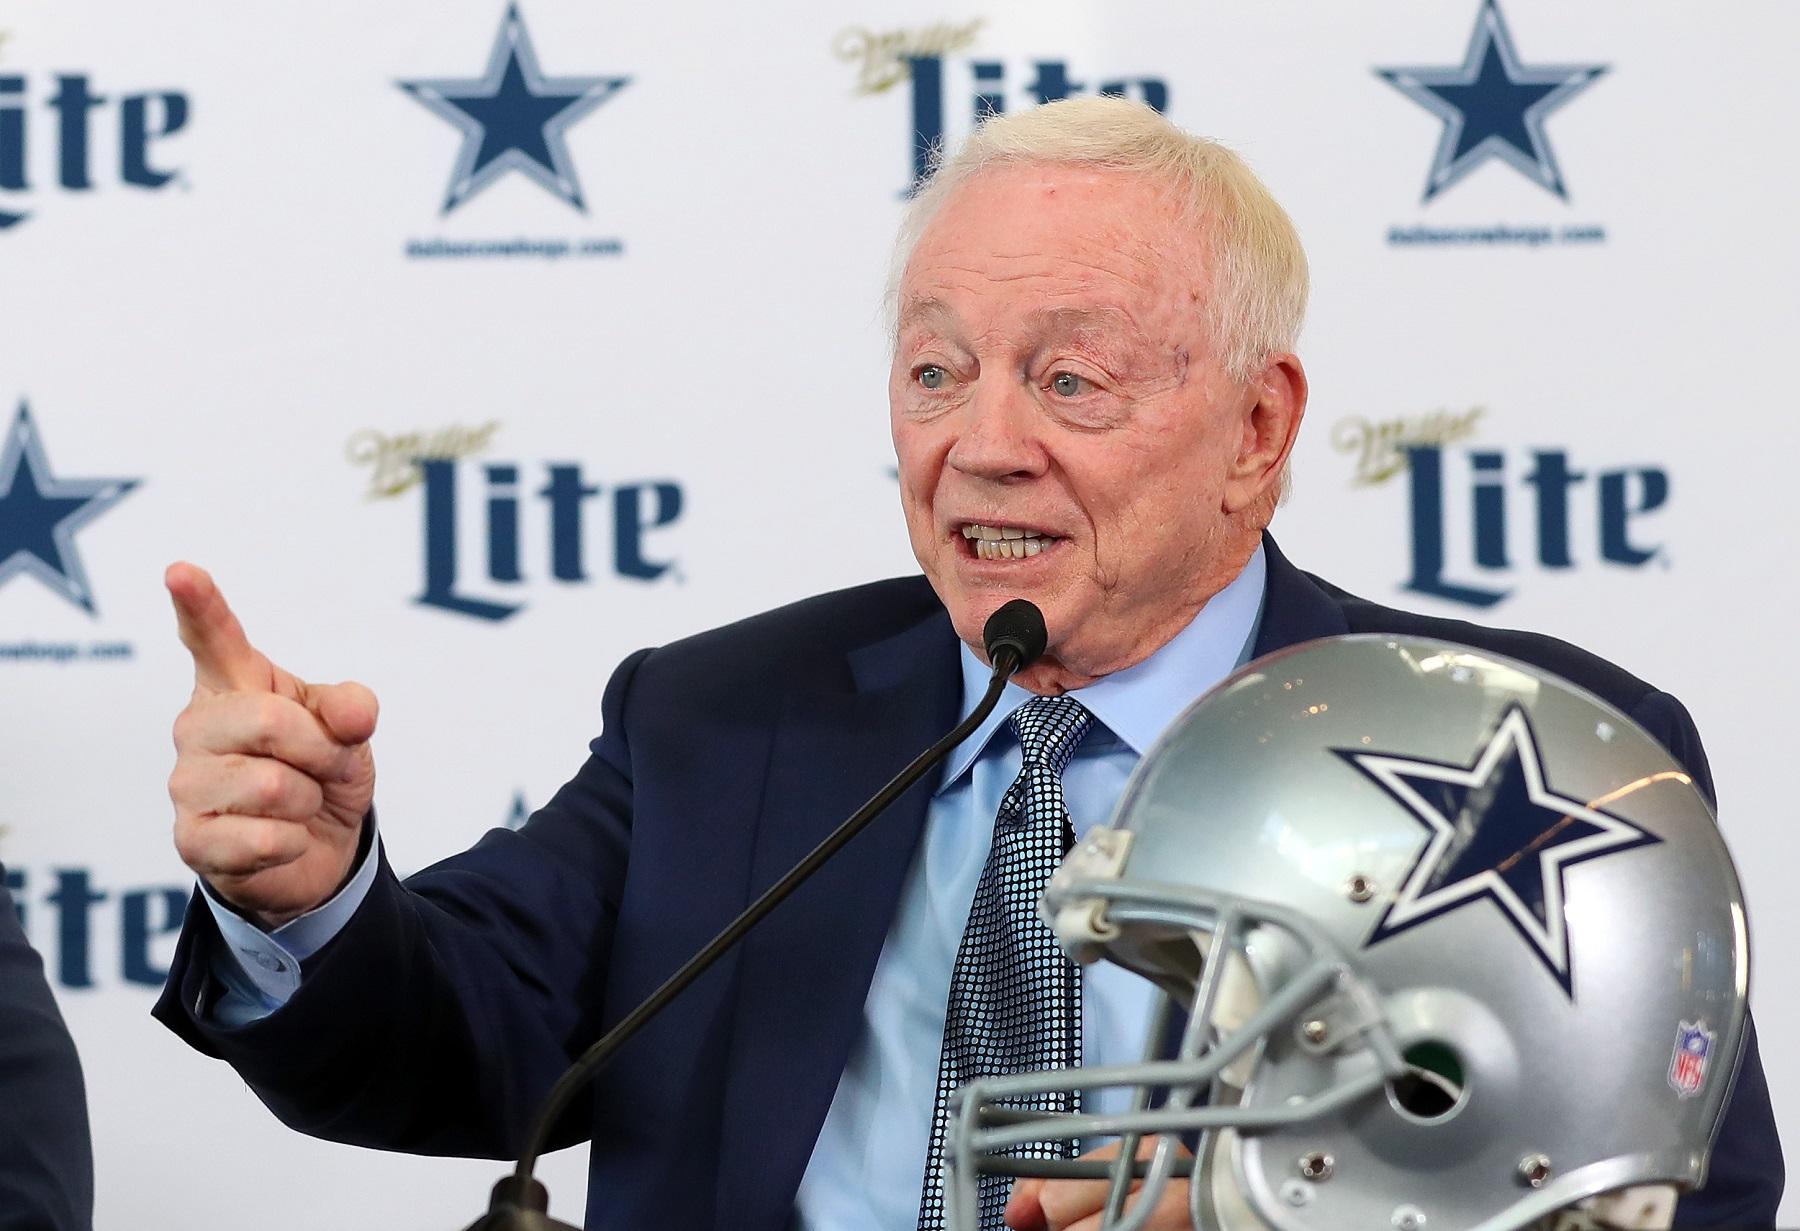 Jerry Jones, NFL owner